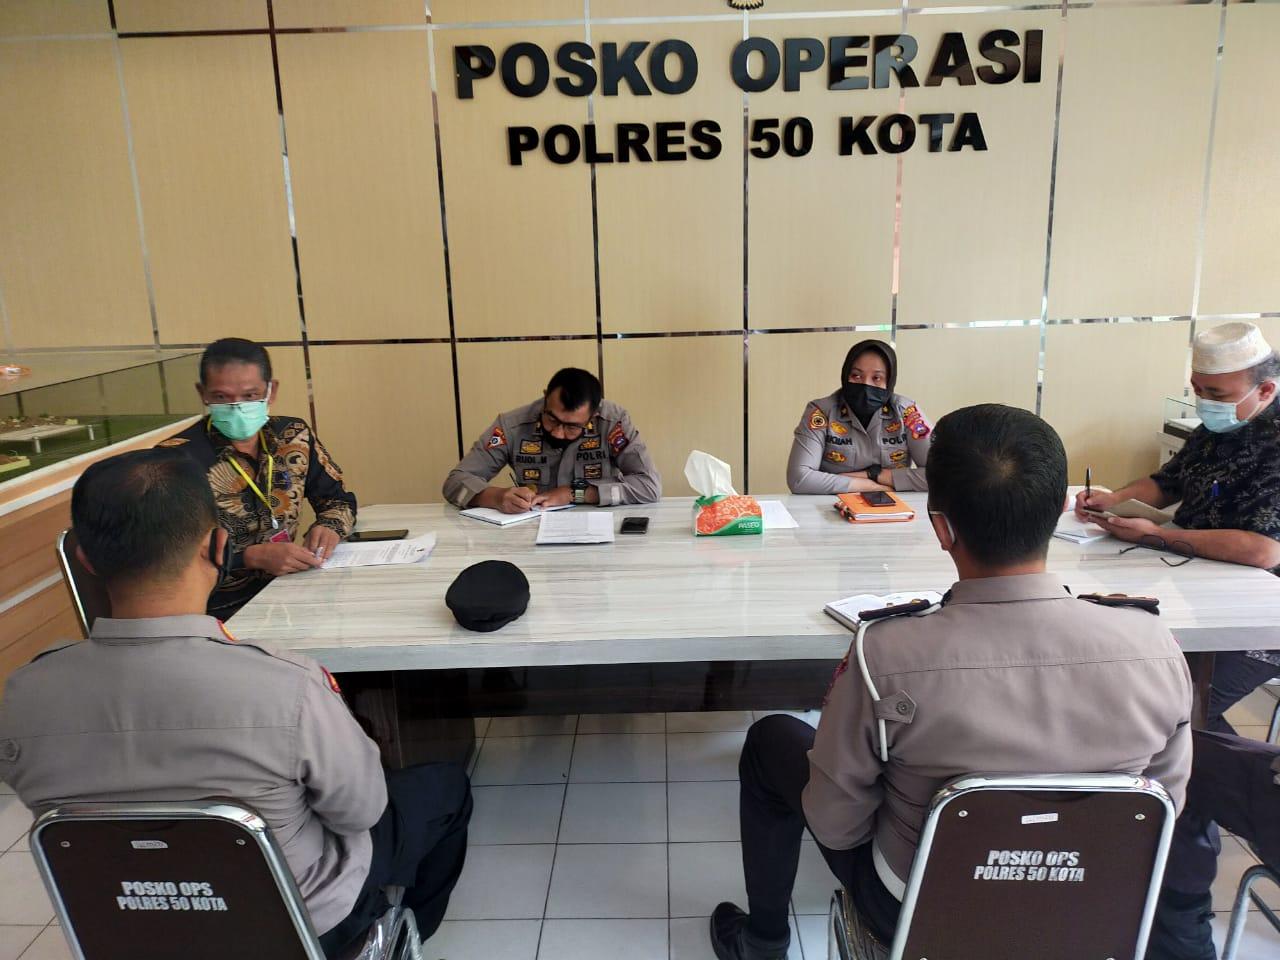 Rapat Koordinasi Bersama Jajaran Polres Kab. Lima Puluh Kota Terkait Kerjasama Pendistribusian Bantuan Pangan Bagi Masyarakat Yang Isolasi Mandiri Terdampak Covid-19